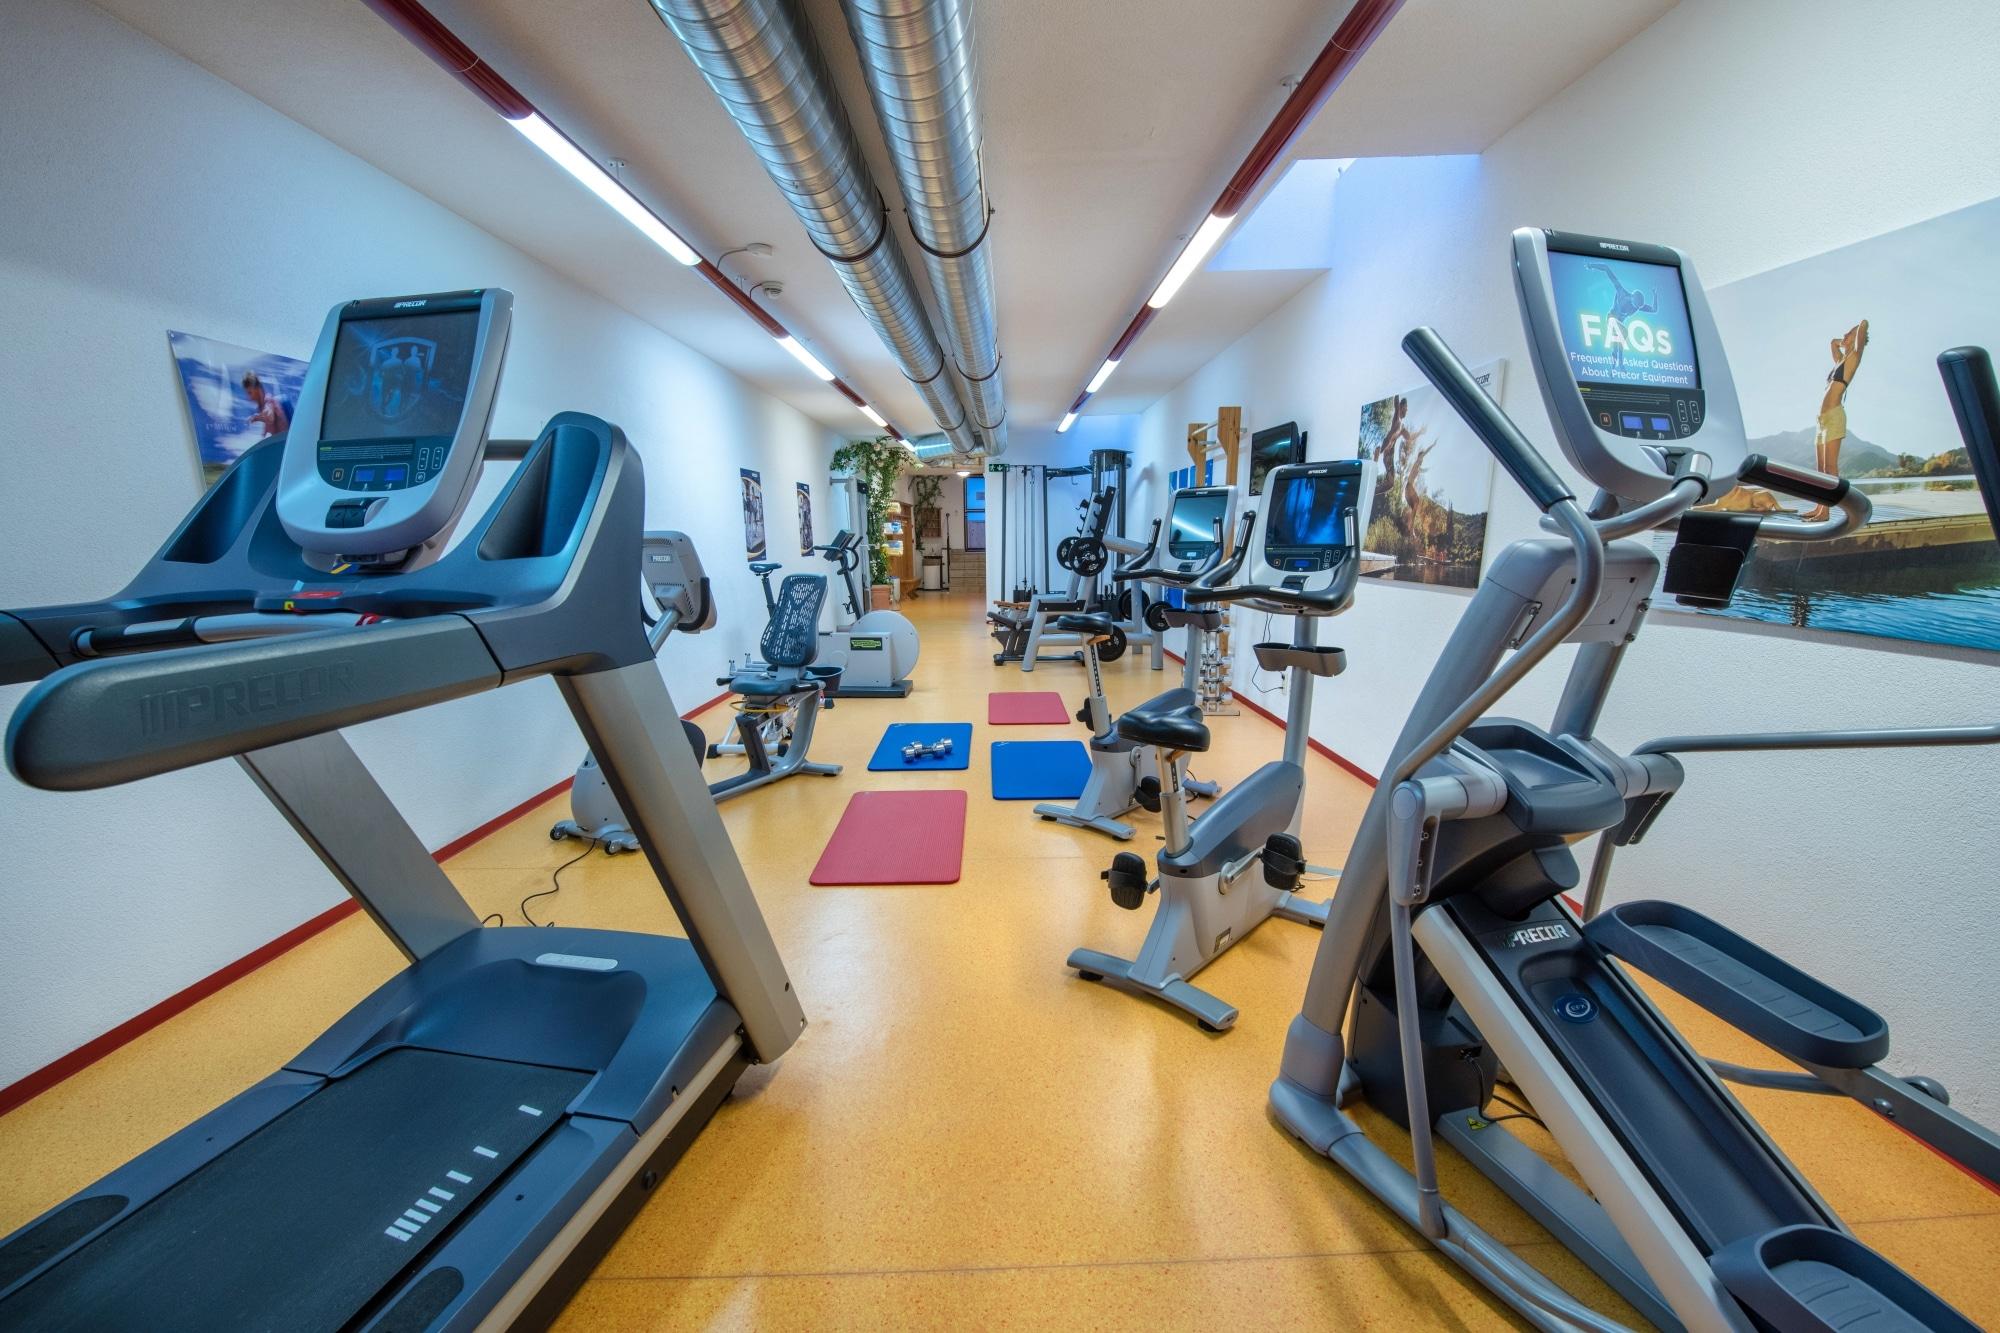 Fitnessraum mit modernen Geräten im Hotel Zauchenseehof